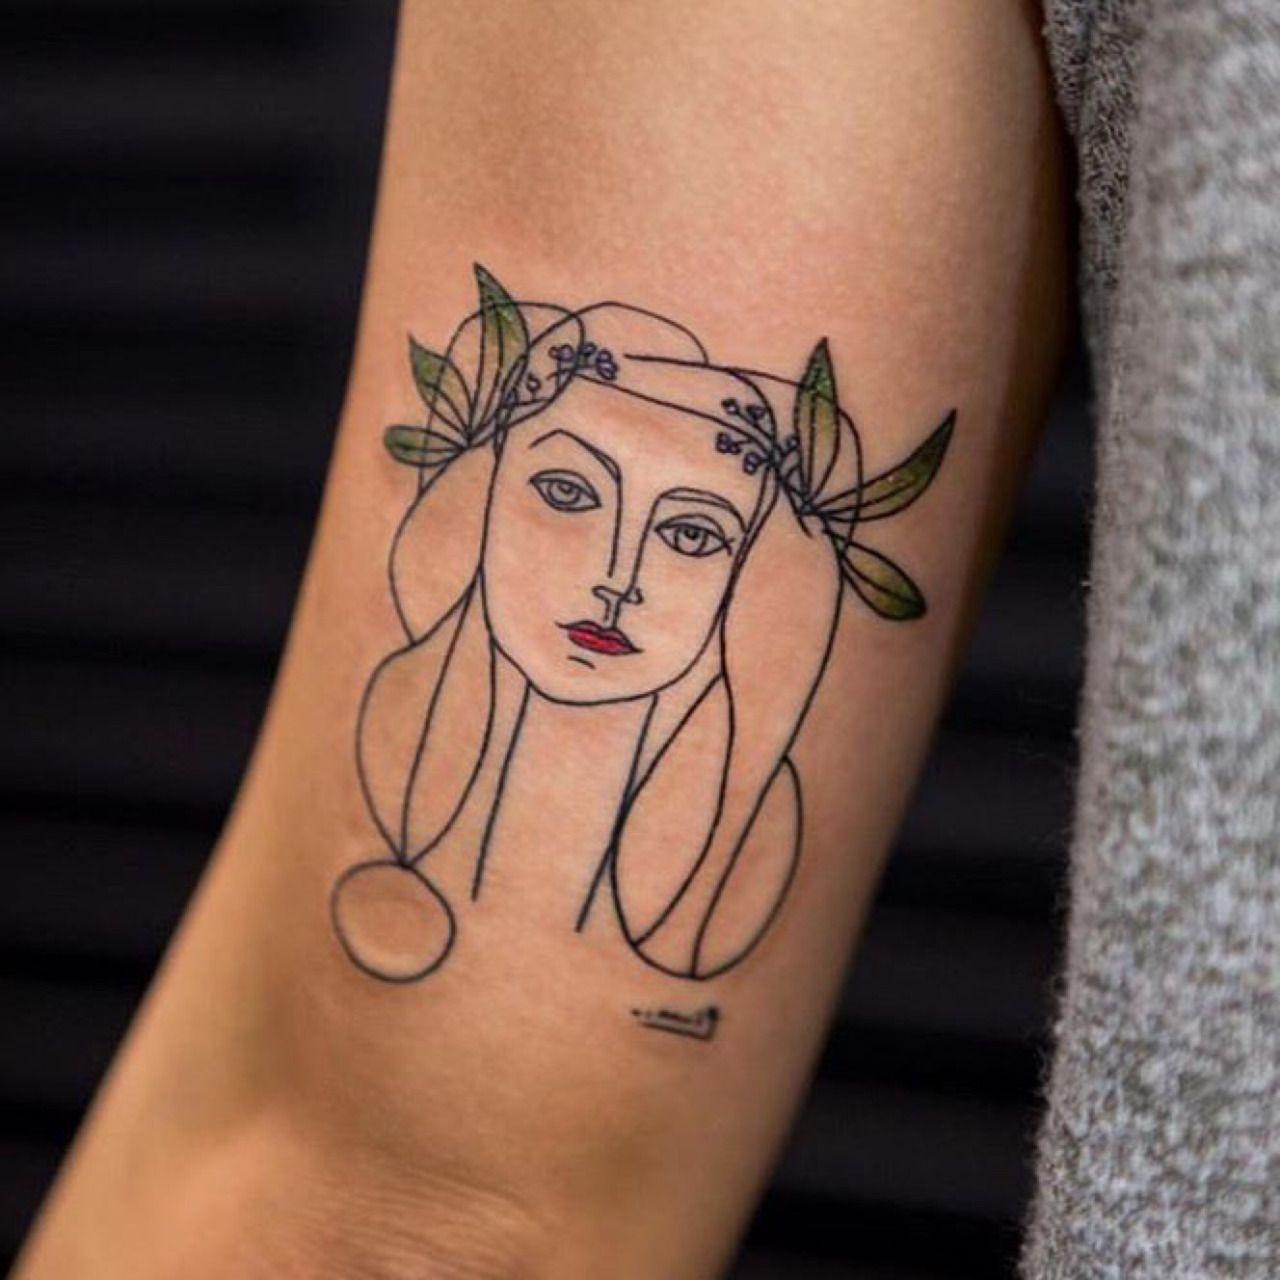 Minimal Tattoo Idea By Picasso Picasso Tattoo Minimal Tattoo